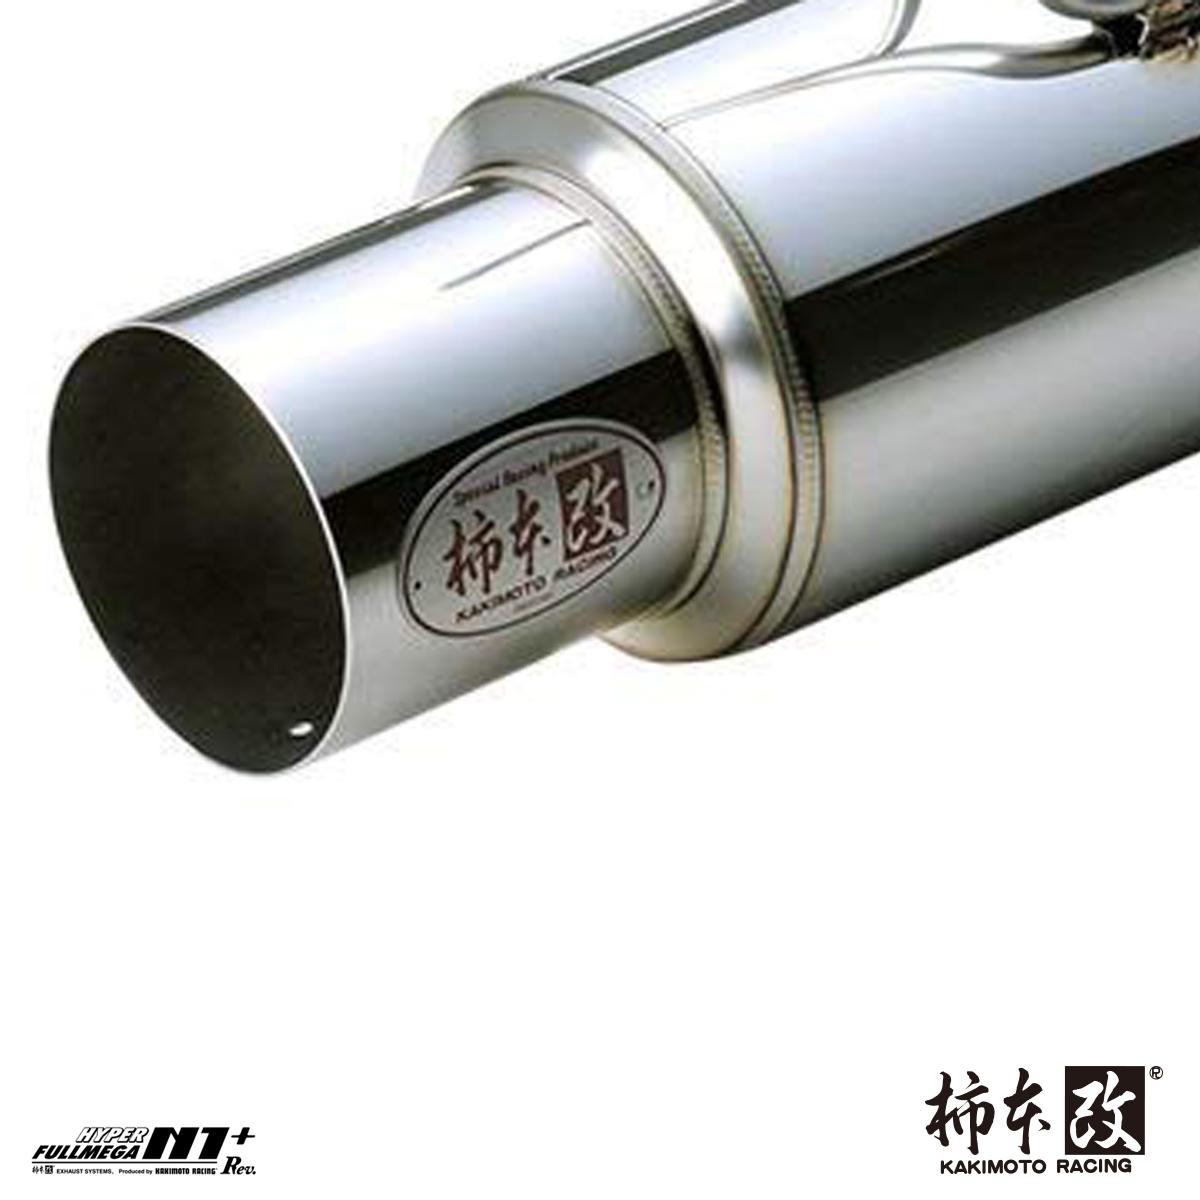 【柿本 改/MR-S/GH-ZZW30/TA-ZZW30/マフラー*ハイパーフルメガN1+Rev./*品番:T31356/KAKIMOTO RACING】